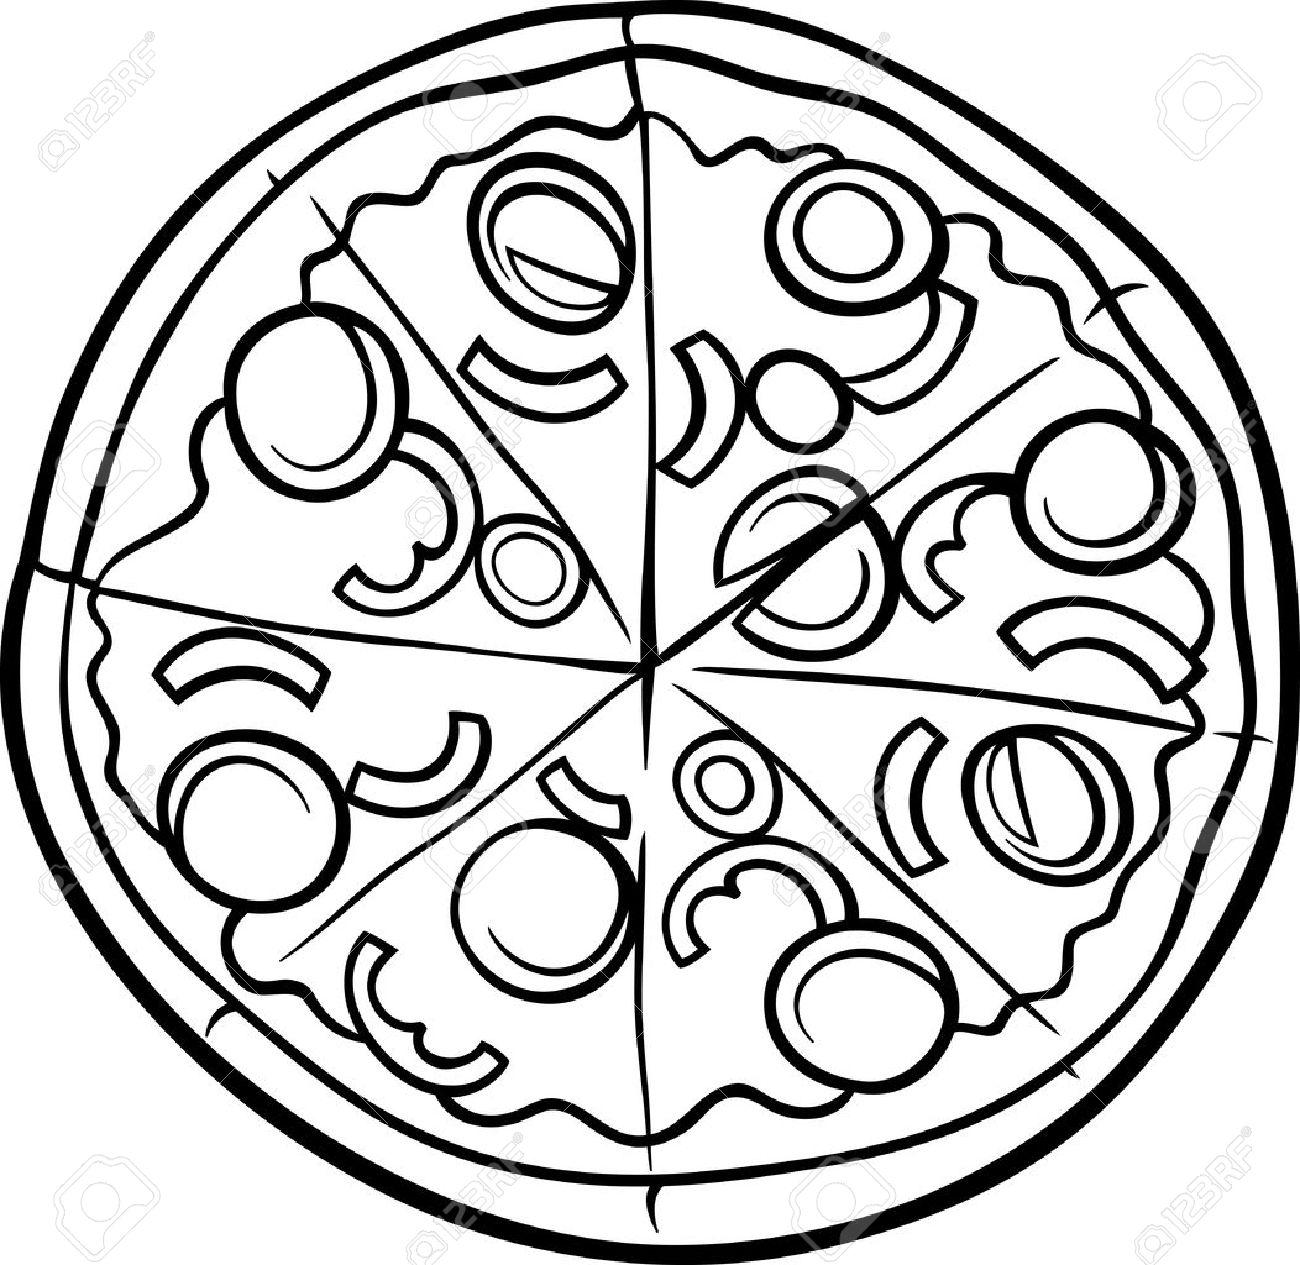 Schwarz Weiß Karikatur Illustration Der Italienischen Pizza